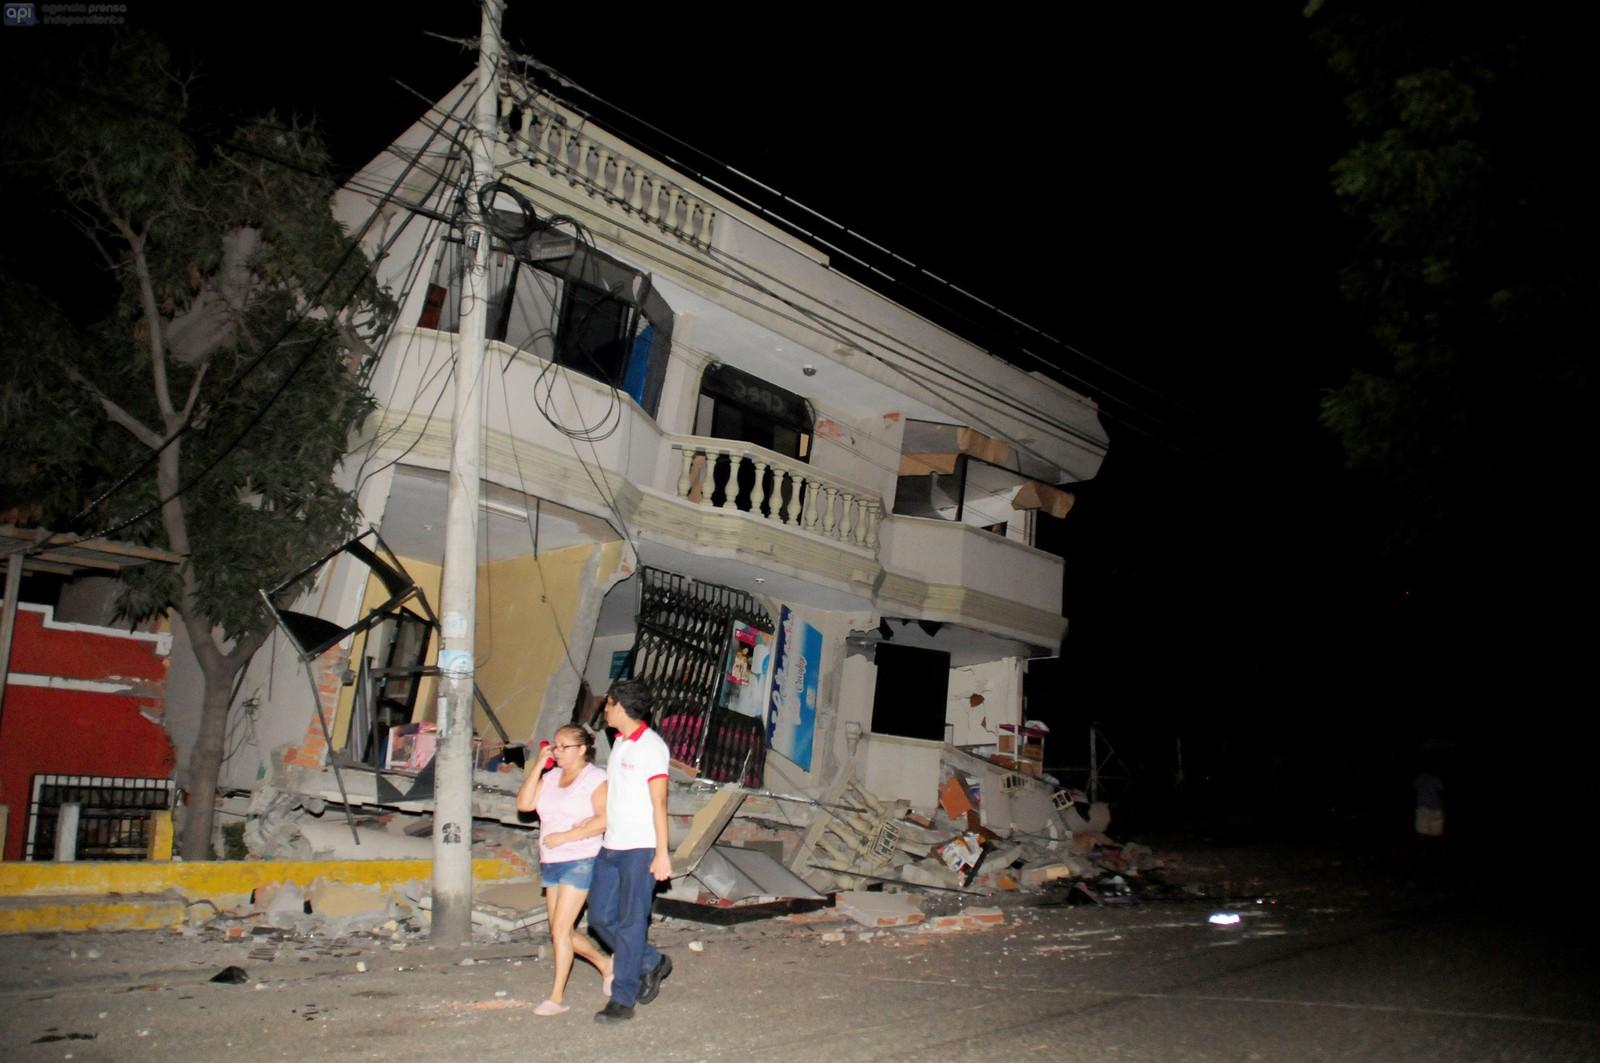 Guayaquil, Ecuadors største by, fikk store skader etter skjelvet.